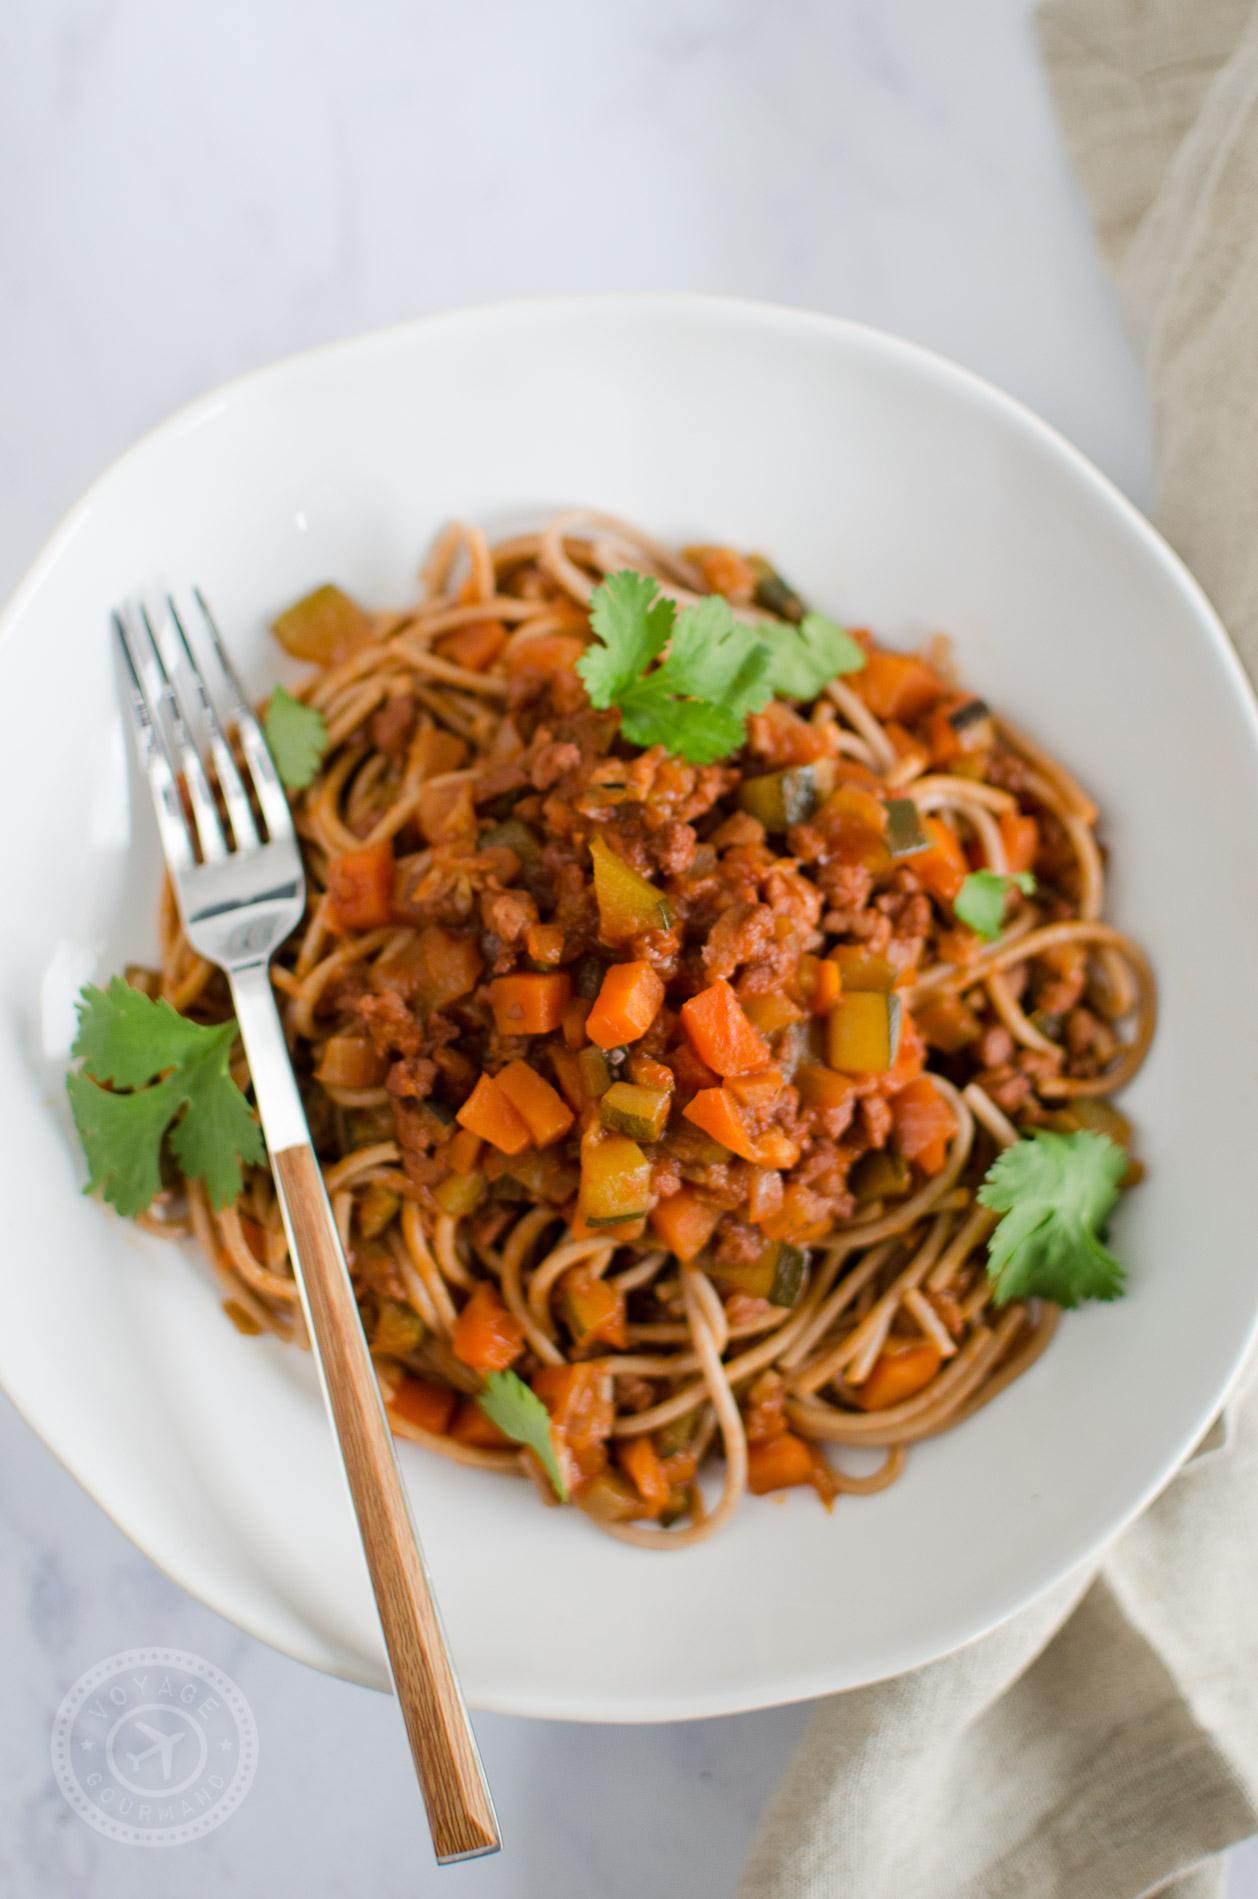 Spaghettis et sauce bolognaise aux protéines de soja texturées